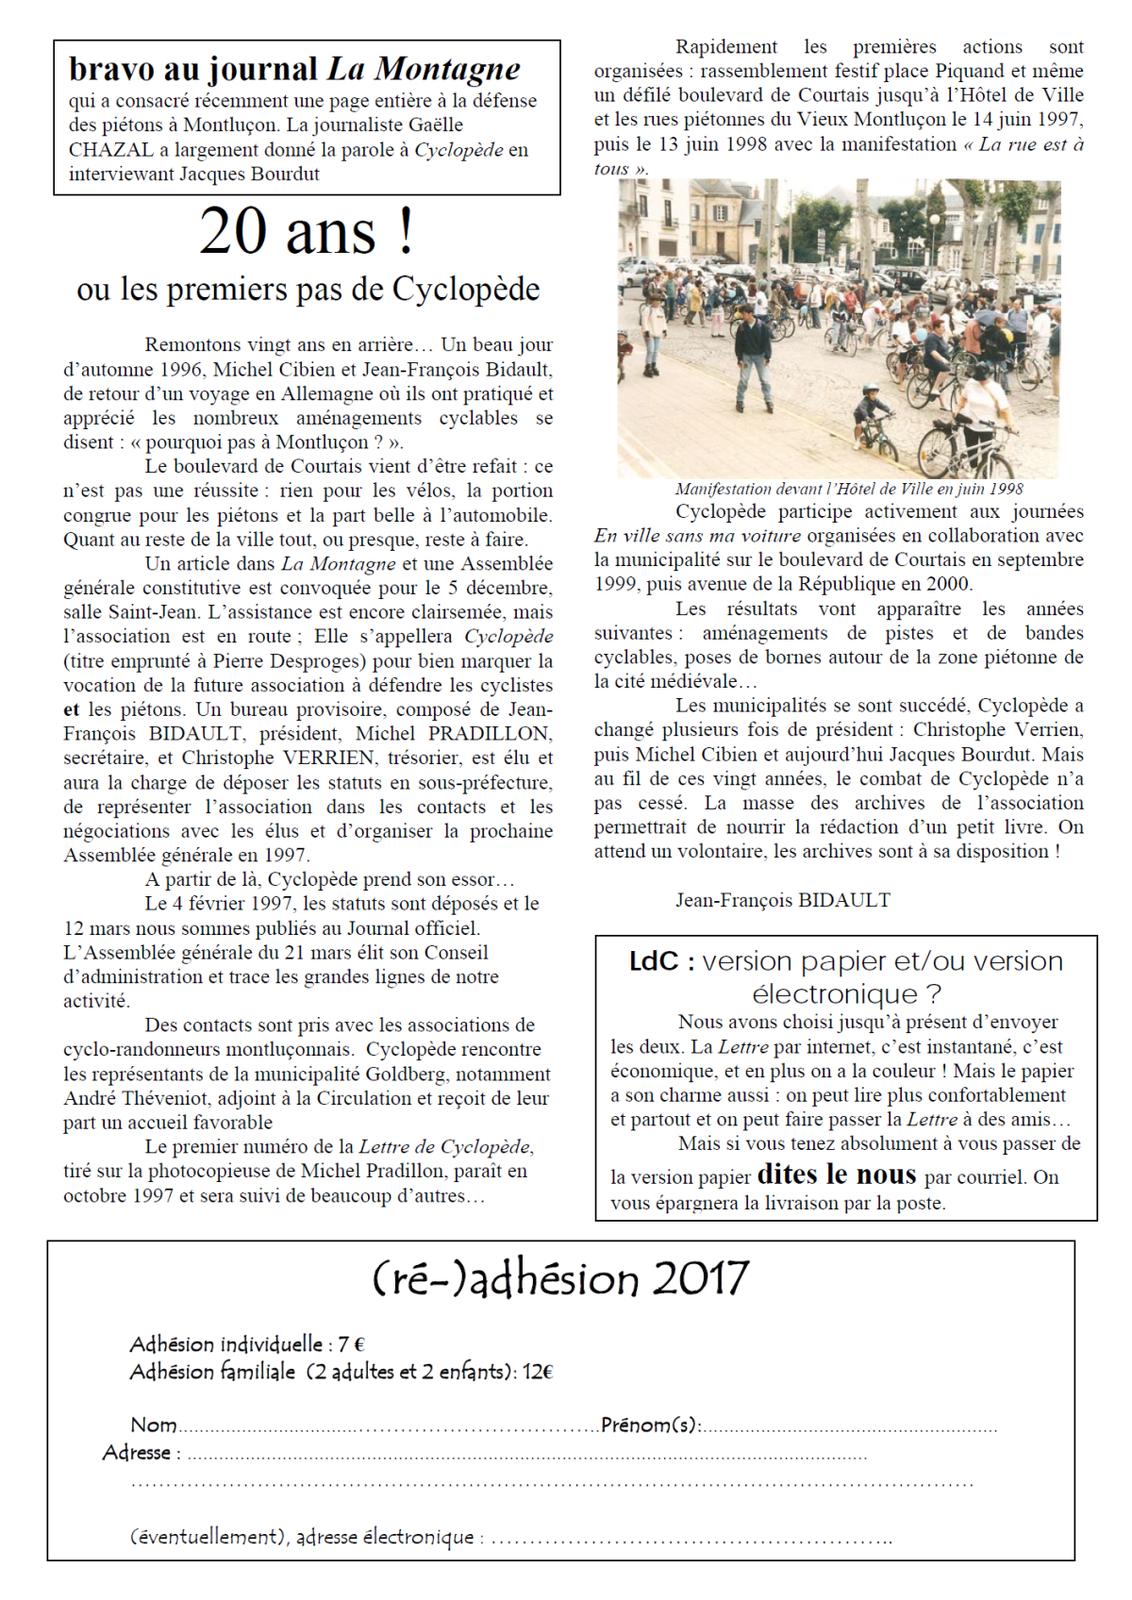 La lettre de cyclopède n° 70 du mois de mars 2017